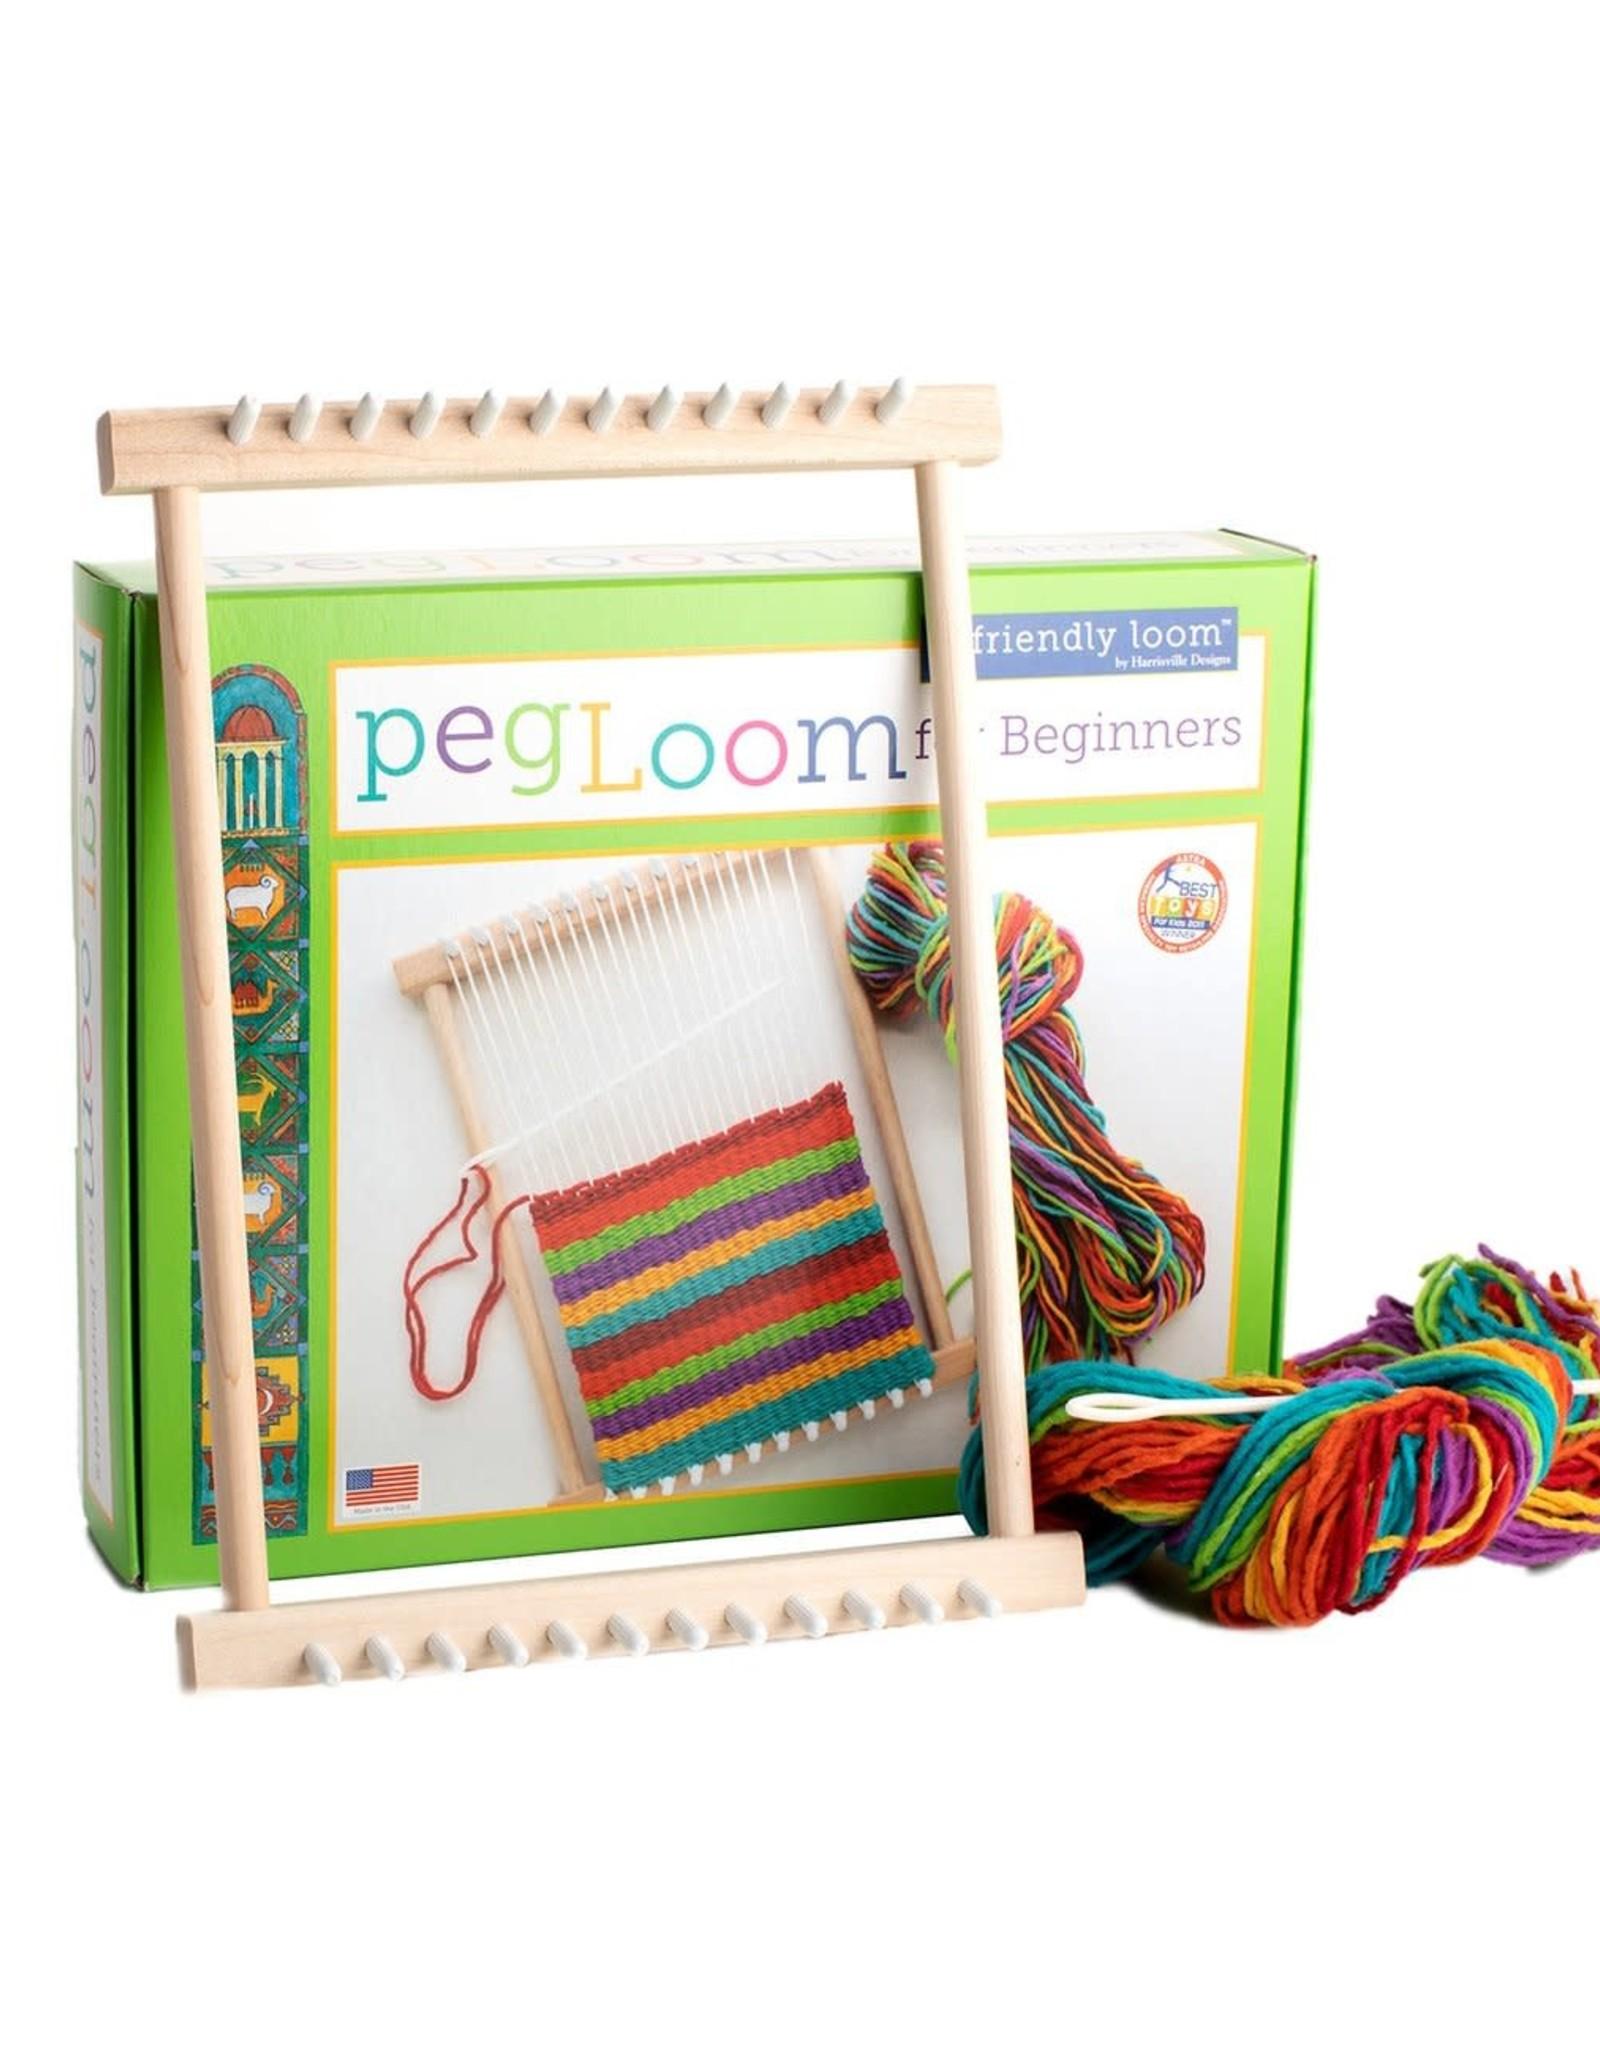 Pegloom for beginners